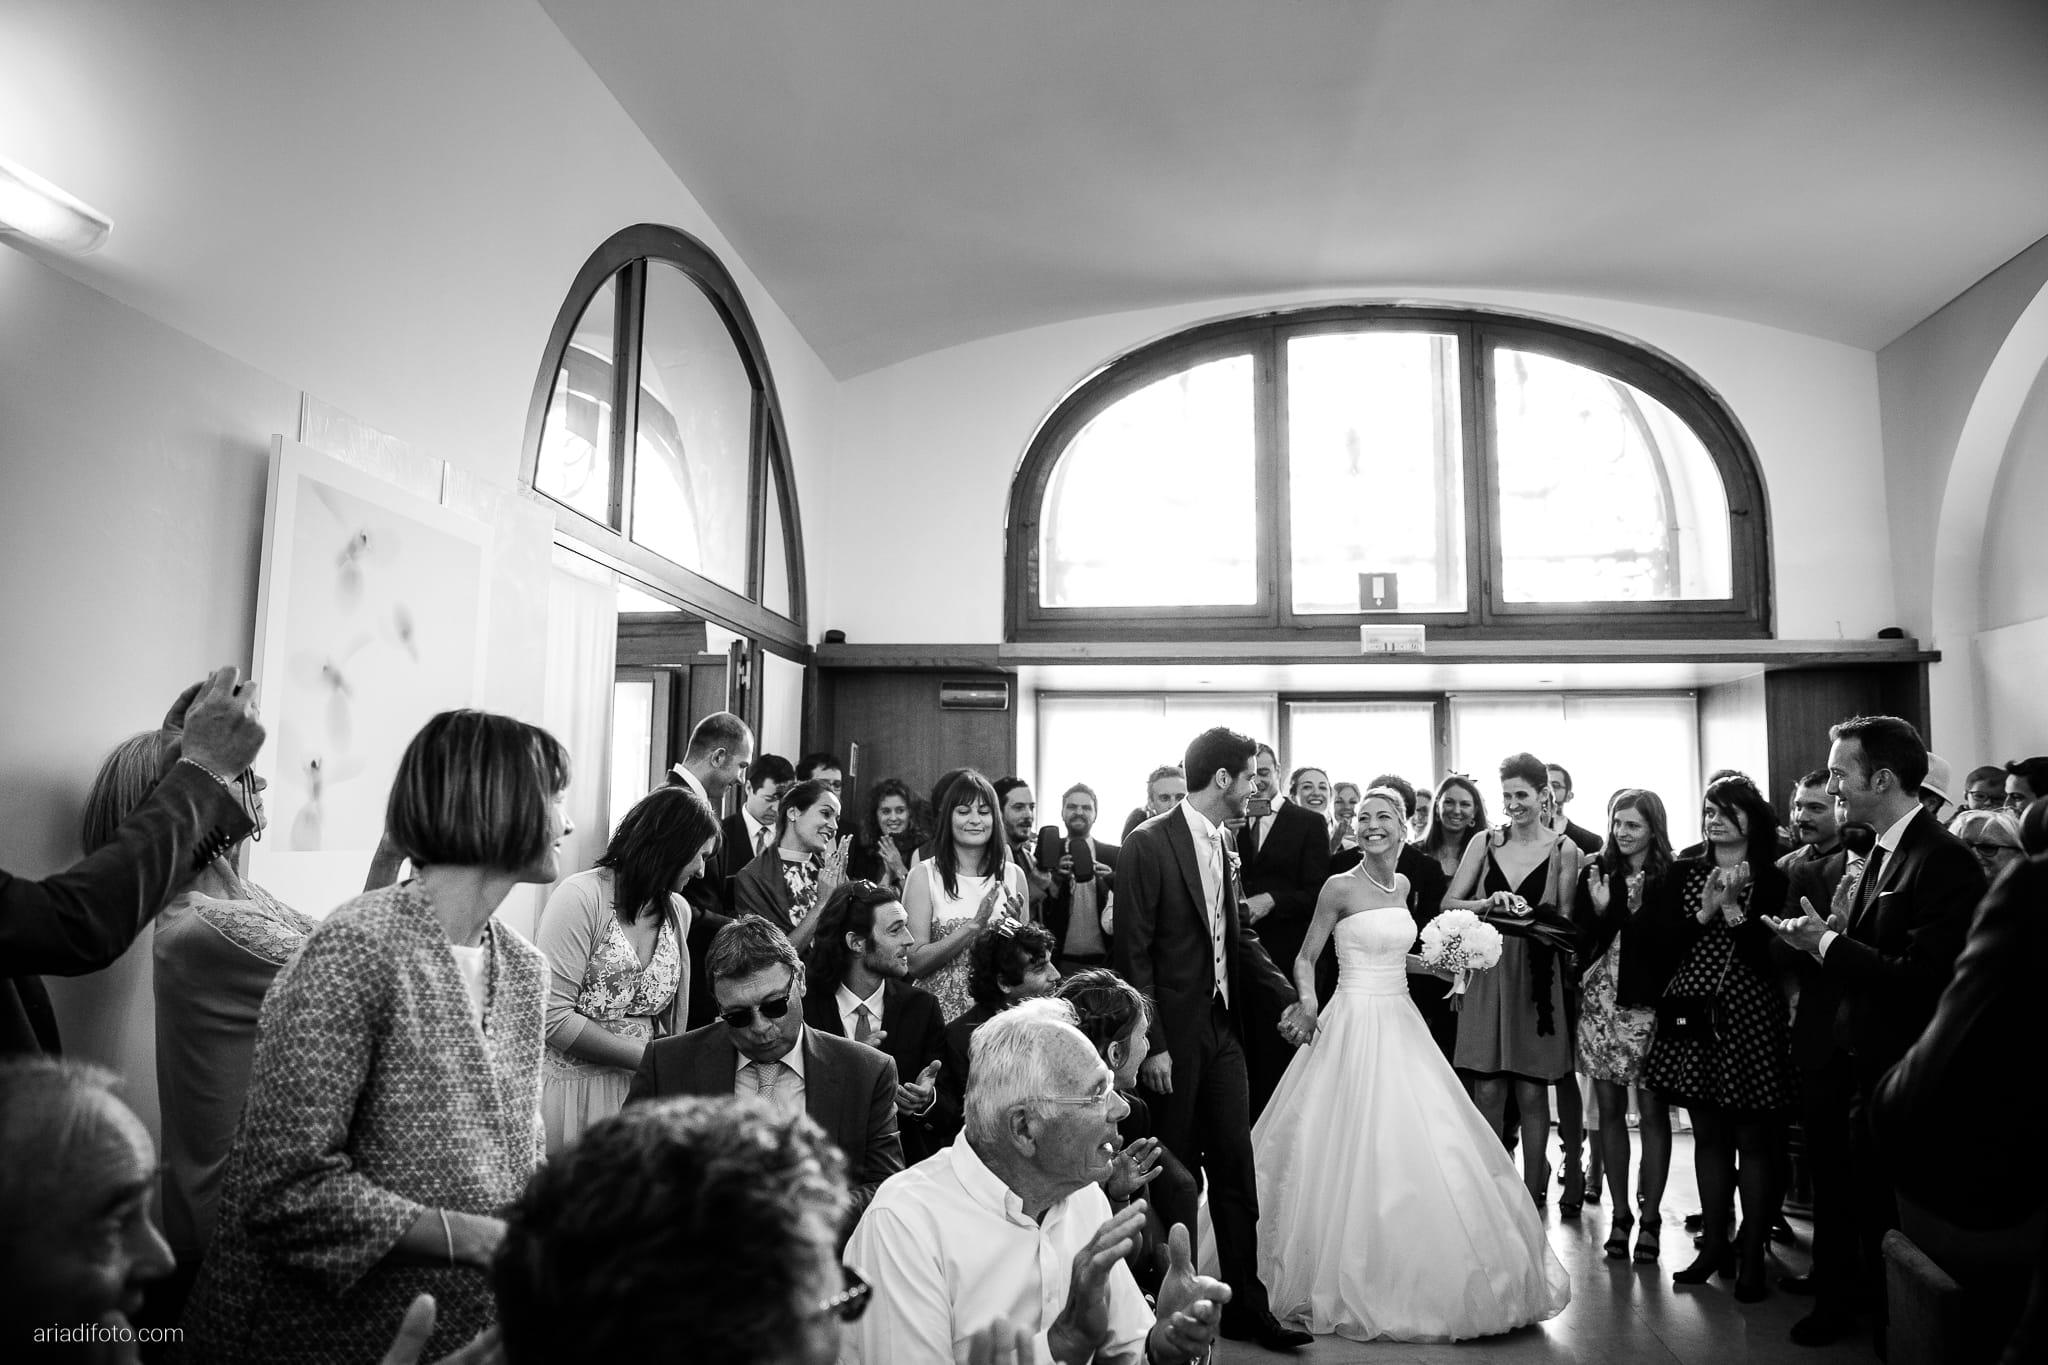 Giulia Paolo Matrimonio Trieste Villa Iachia Ruda Udine cerimonia civile Piazza Unità ingresso sposi